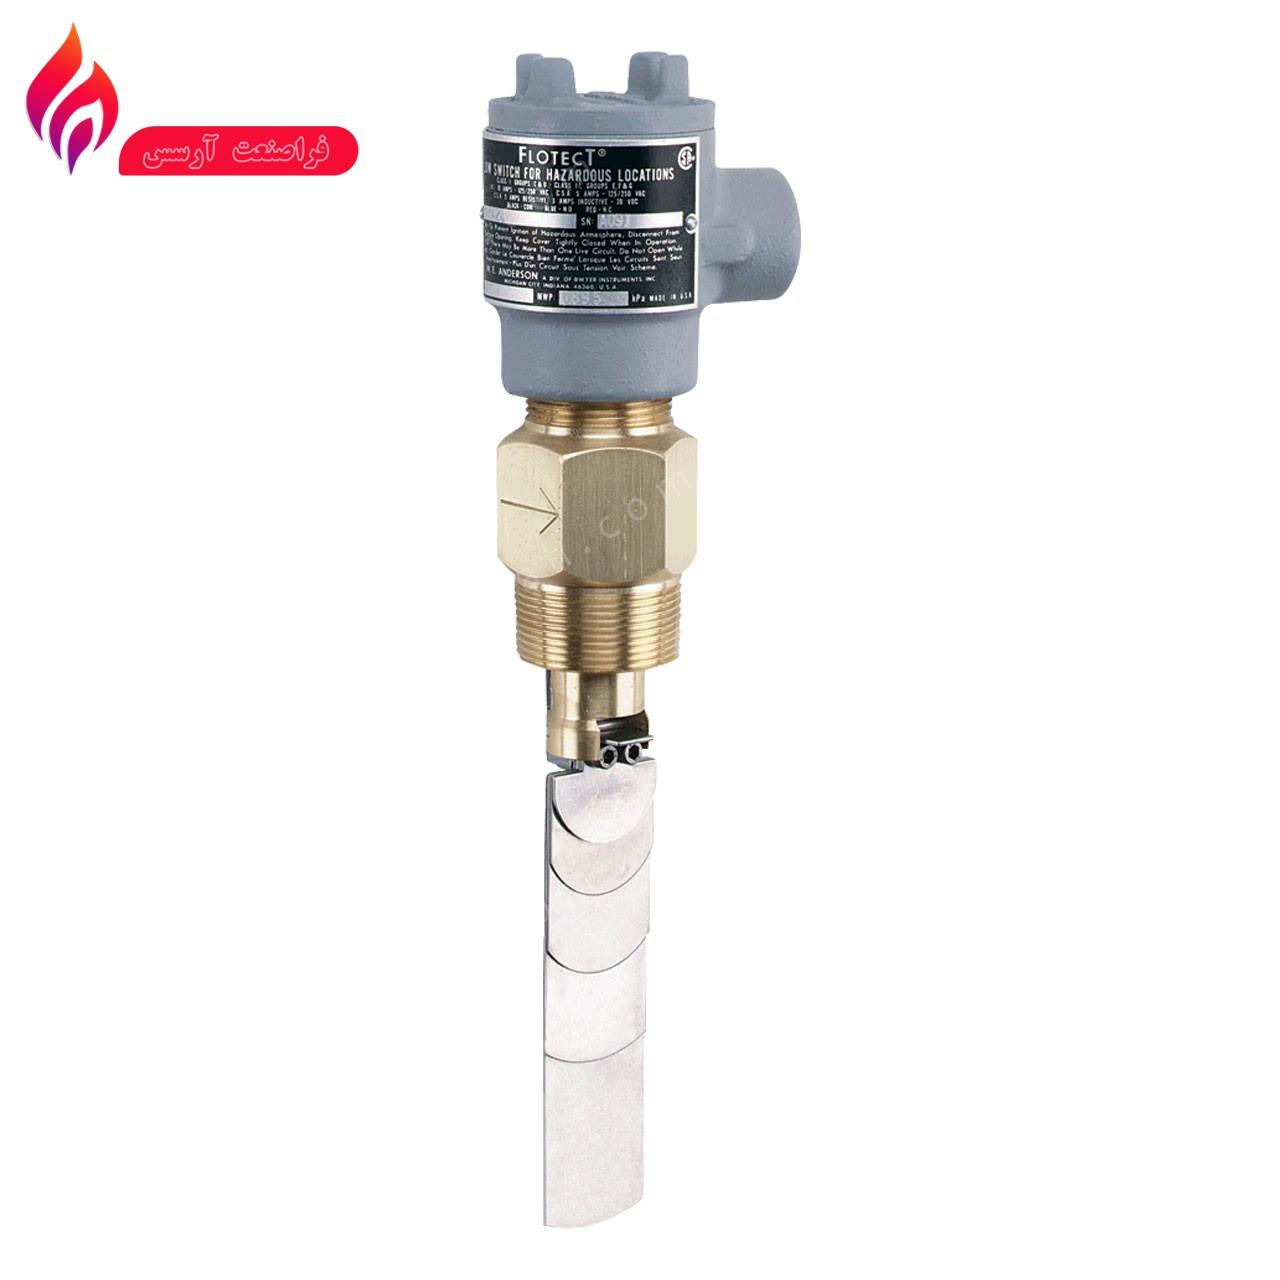 فلوسوئیچ (سوئیچ فشار تیغه ای) فلوتکFLOTECT V4